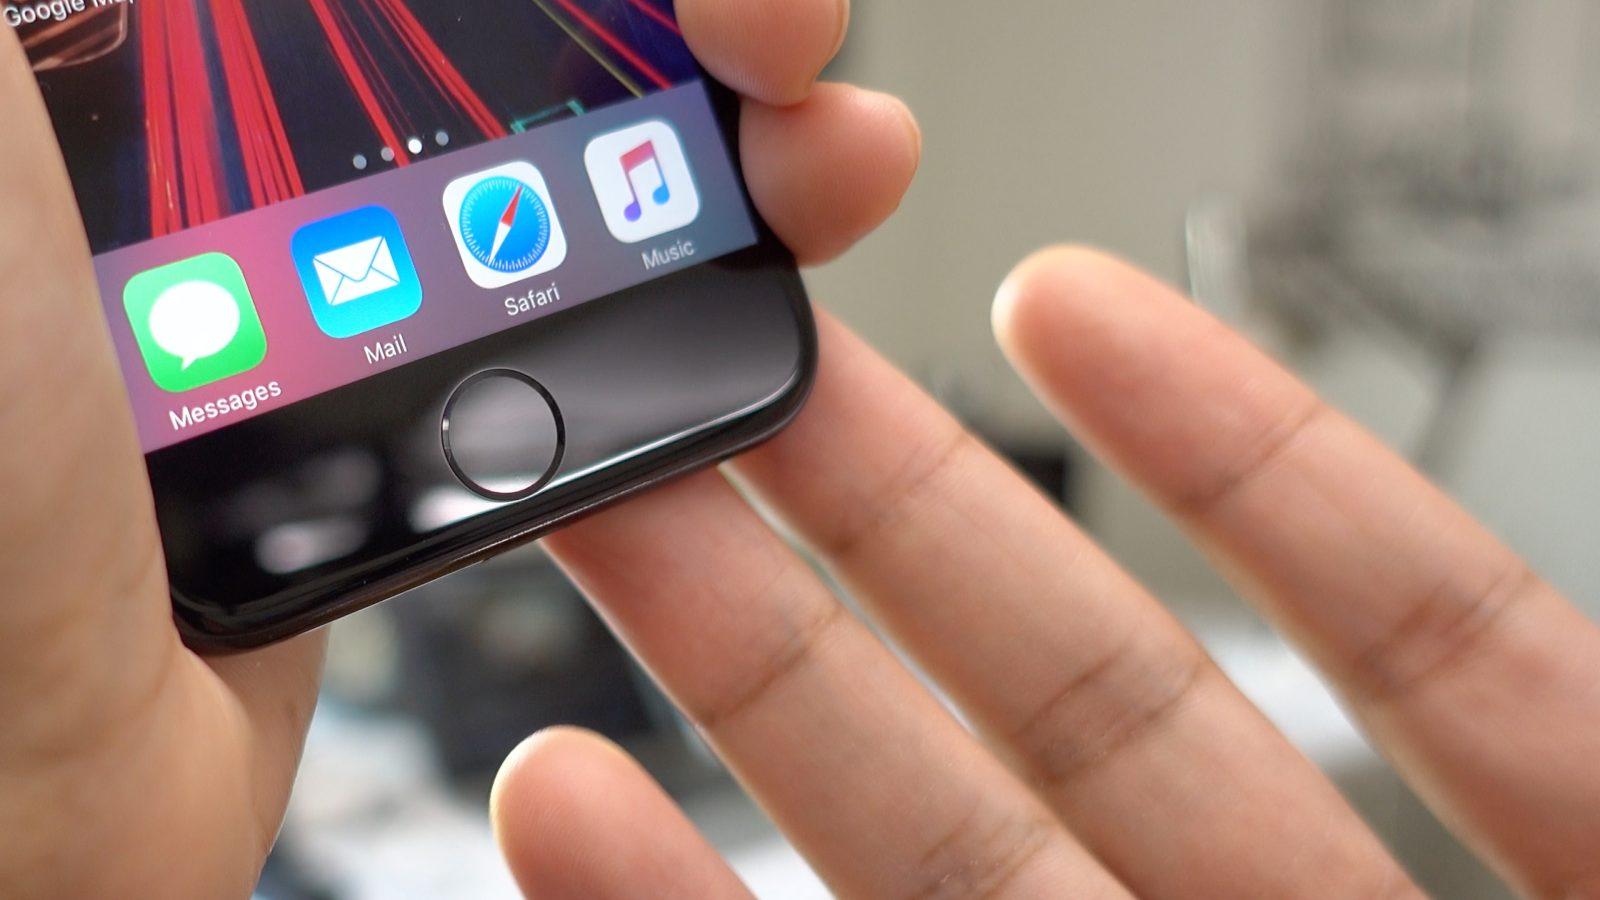 7 самых распространенных проблем iPhone 7 и iPhone 7 Plus